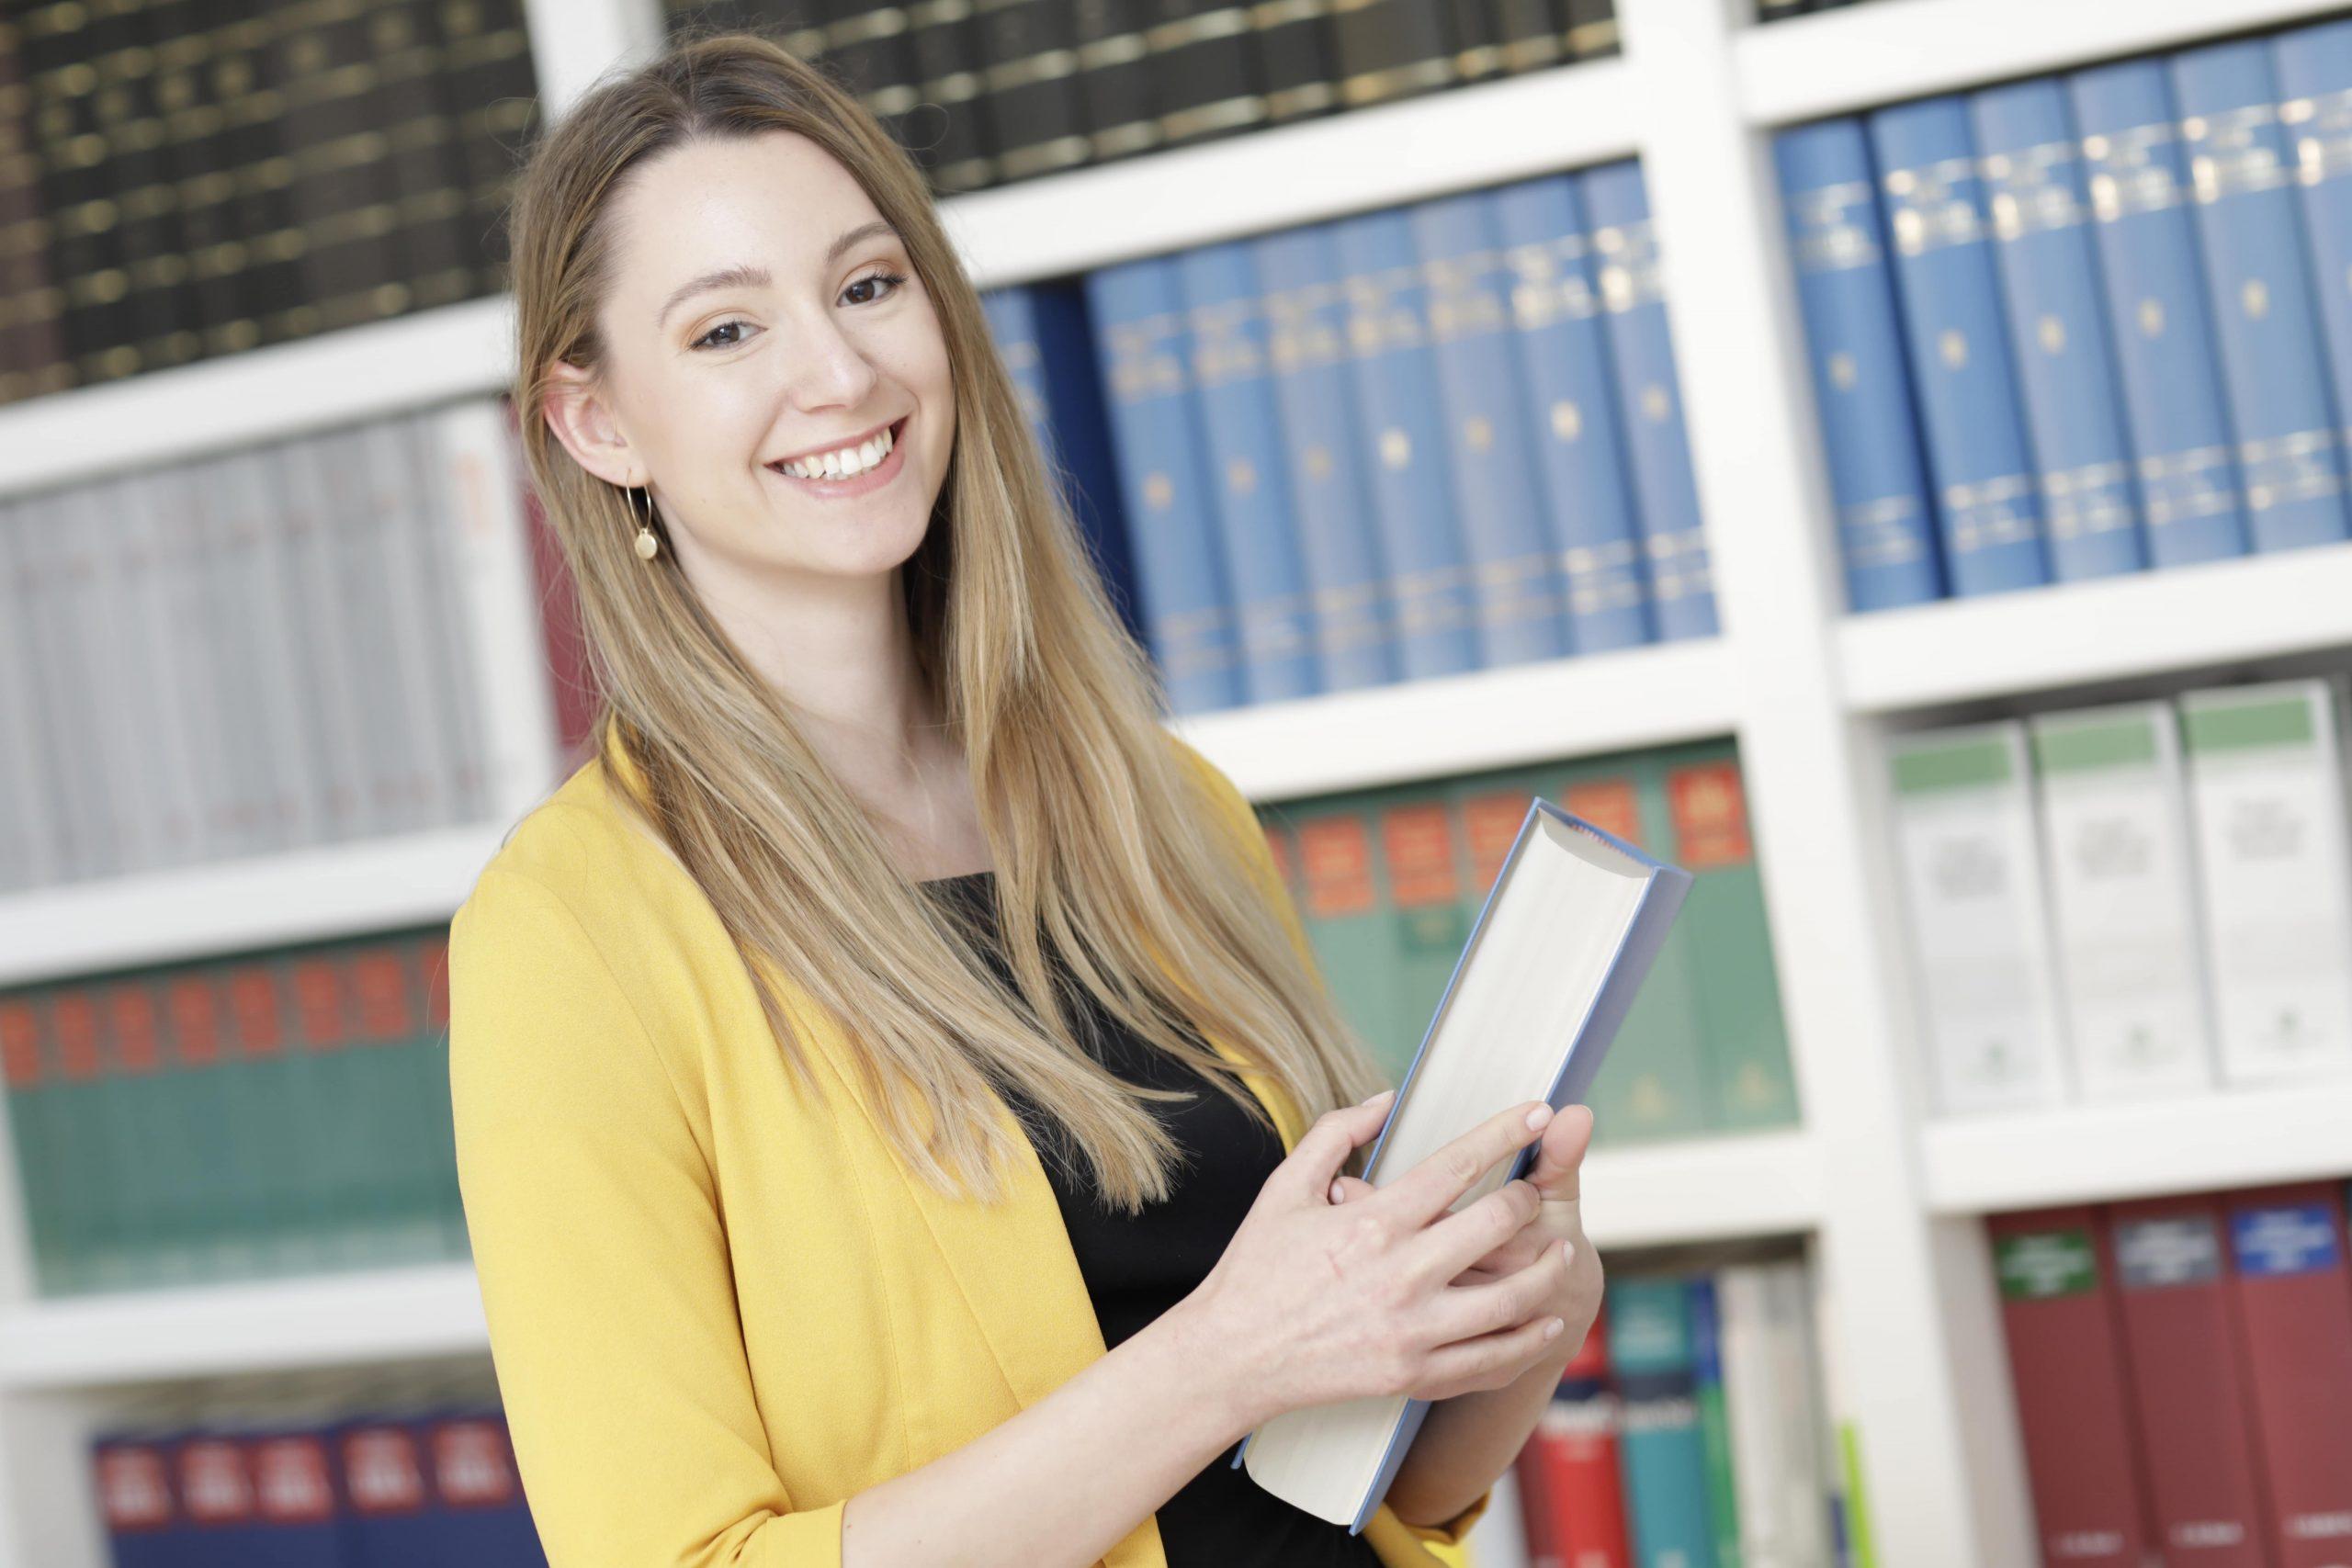 Laura van de Wert - Steuerberater Eggeling und Partner in Düsseldorf